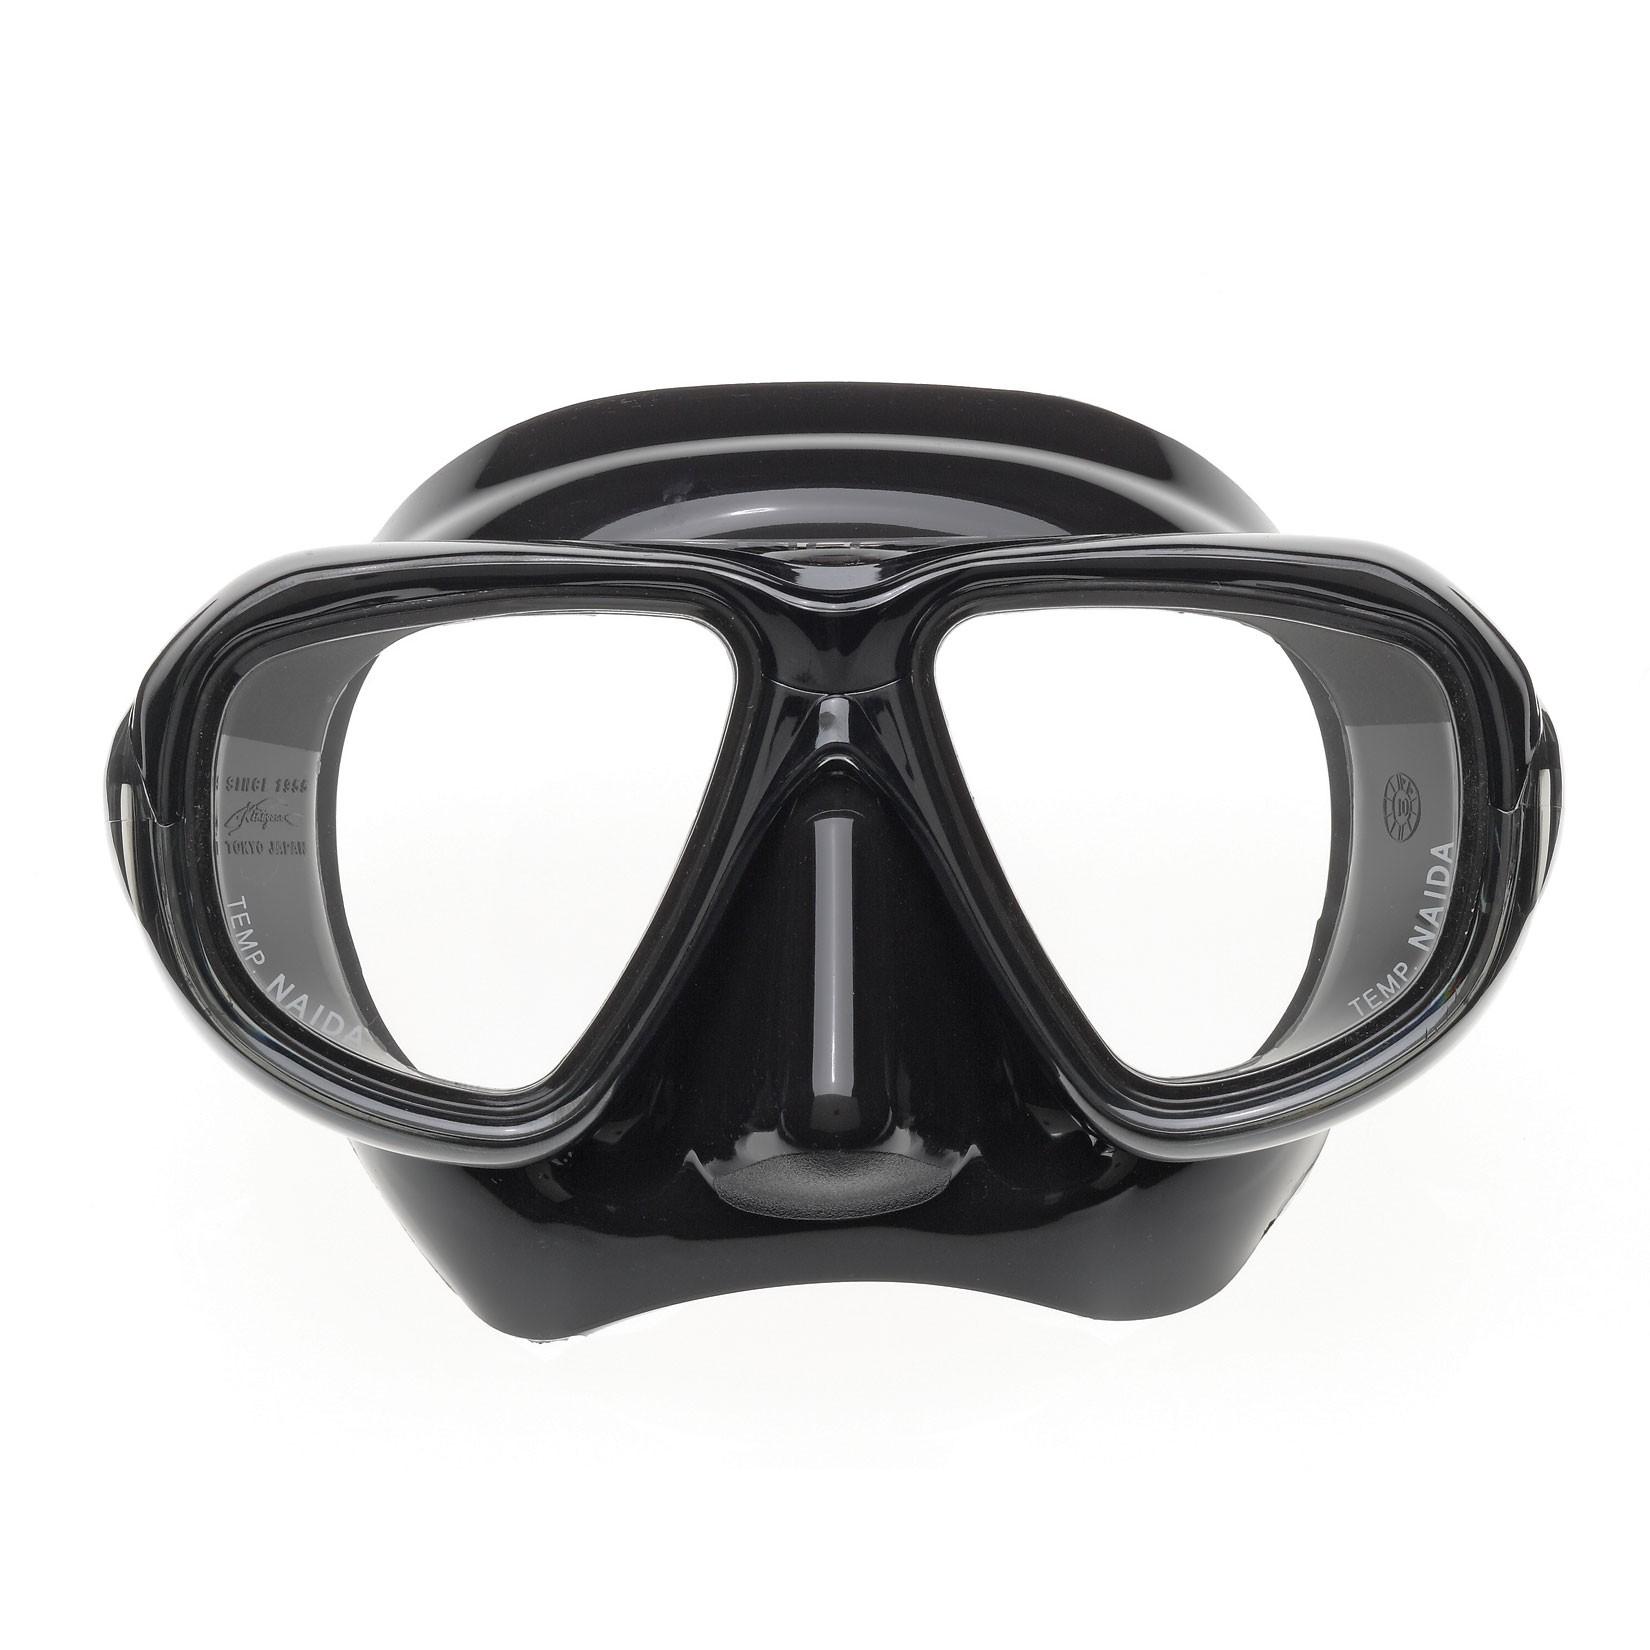 Riffe Naida Freediving Mask front